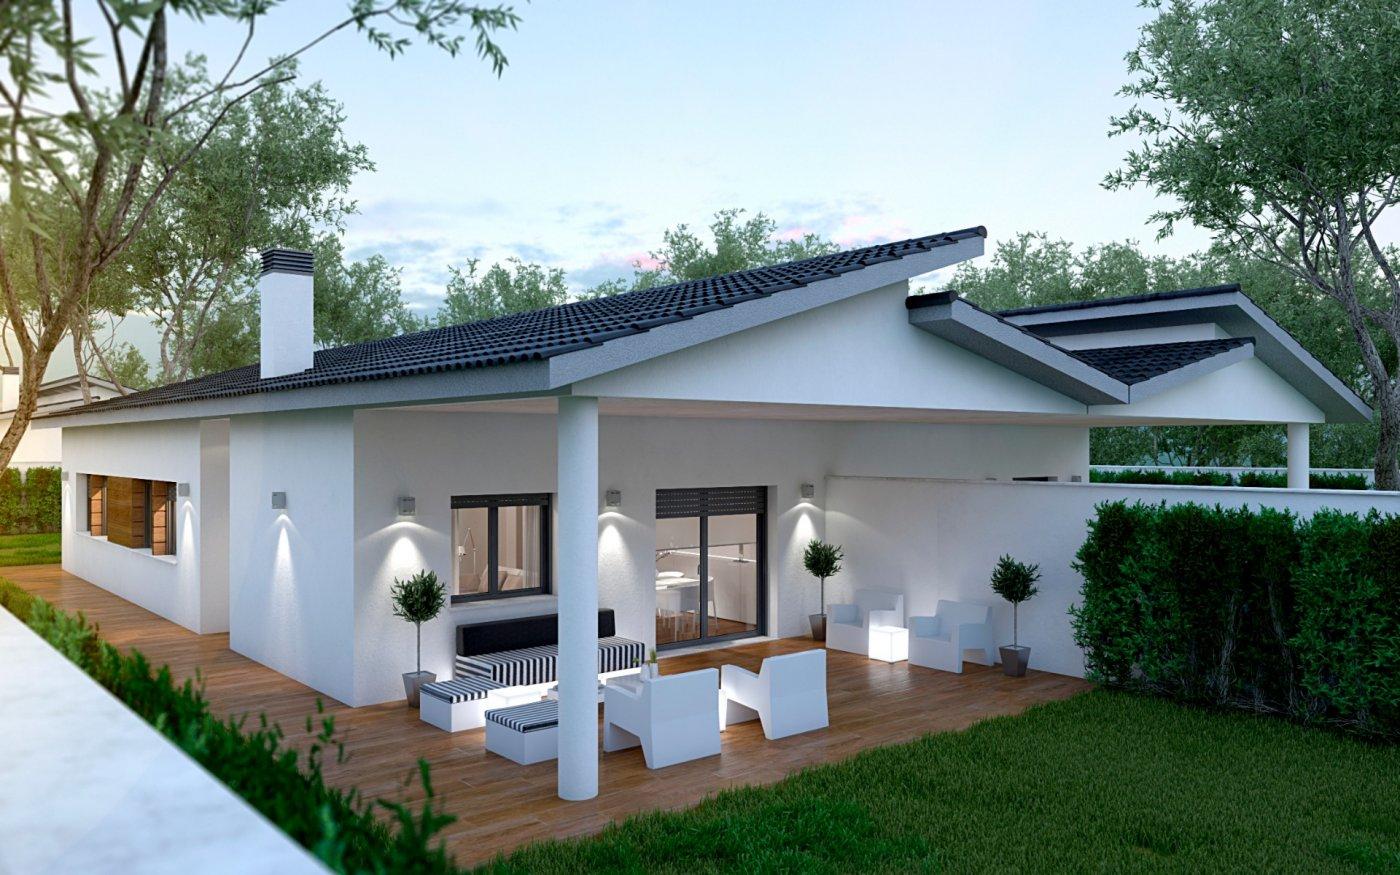 7 ya reservados ! ahora puedes vivir en una casa sin escaleras, con parcela, opción a pisc - imagenInmueble6